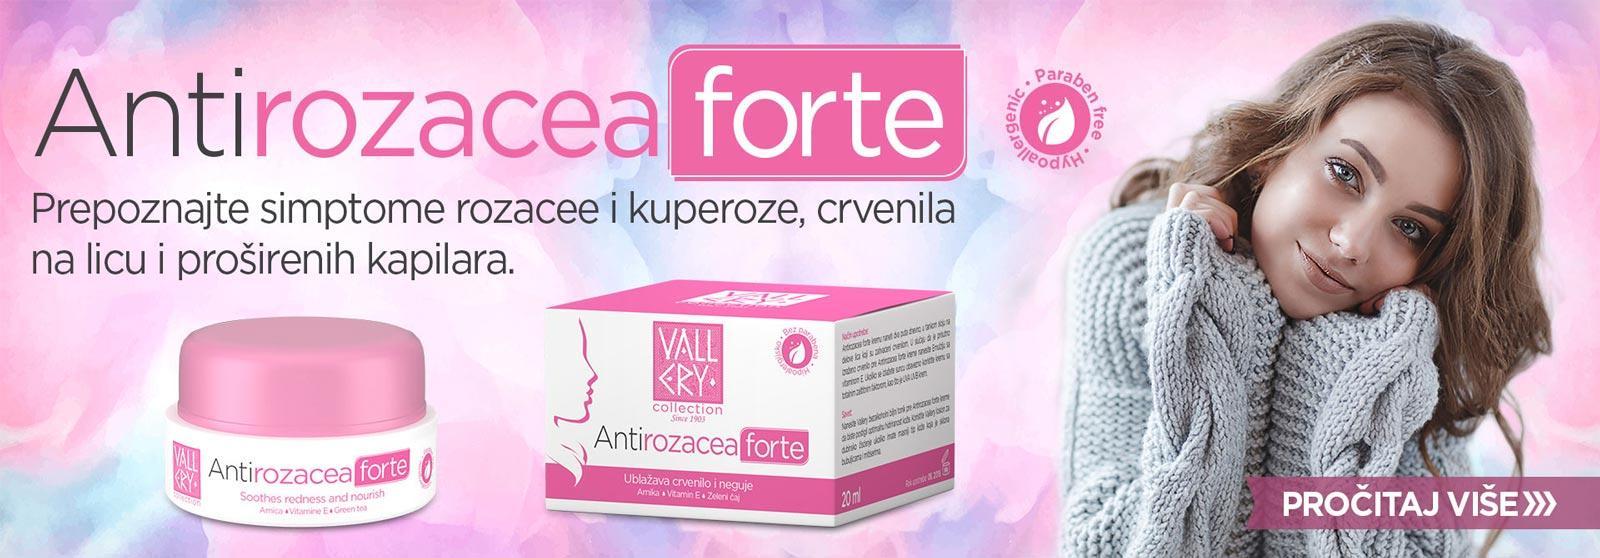 Antirozacea forte